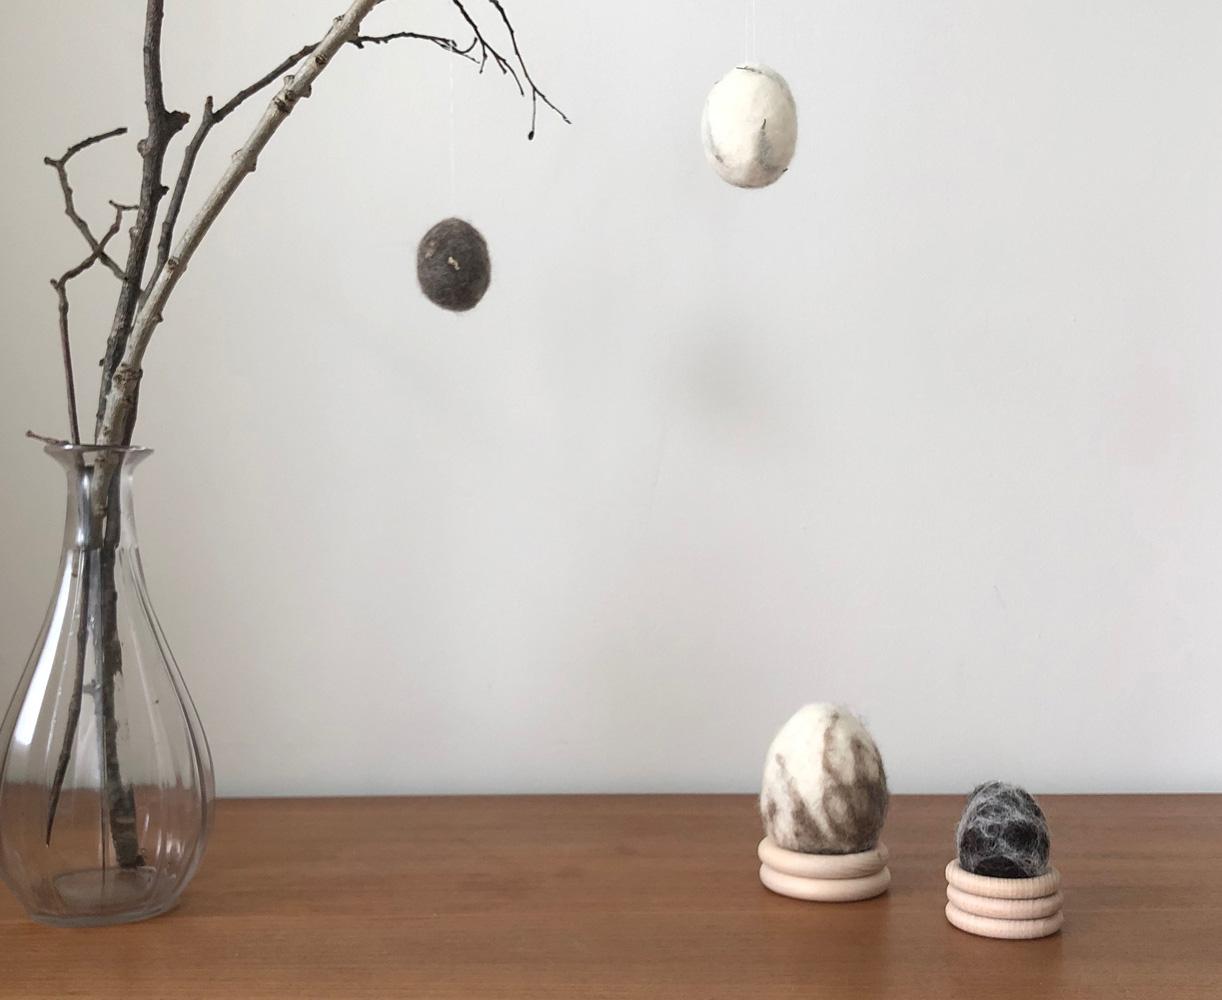 DIY Eier filzen umfilzen nassfilzen Osterdeko Osterei Ast Titel - DIY | nachhaltige Ostereierdeko - wundervoll umfilzt